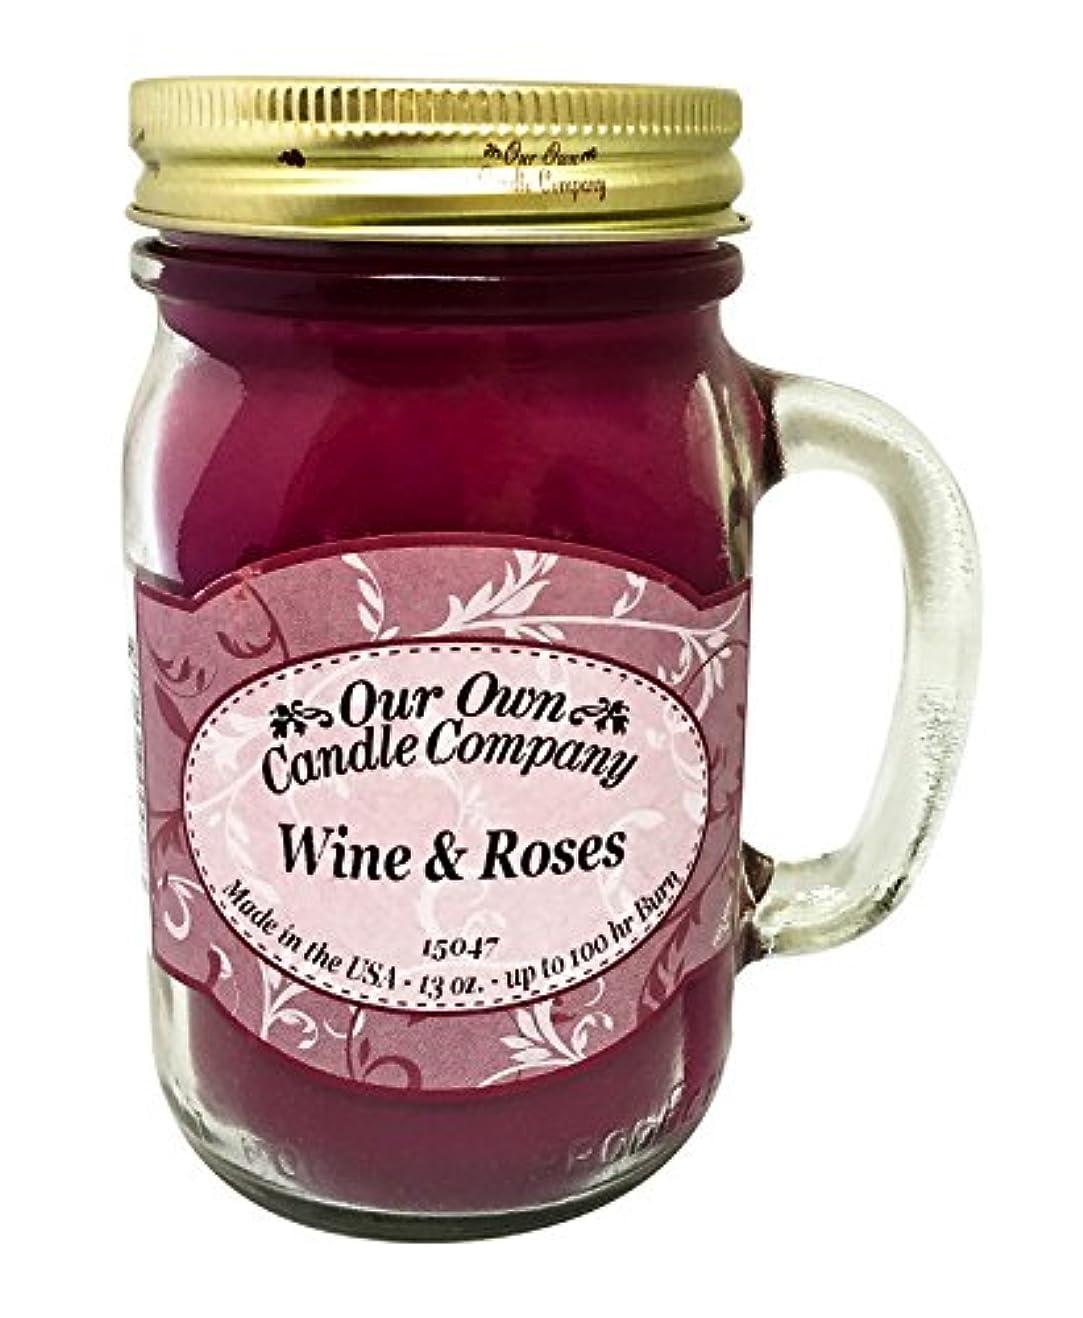 マーク独裁クローゼットアロマキャンドル メイソンジャー ワイン&ローズ ビッグ Our Own Candle Company Wine&Roses big